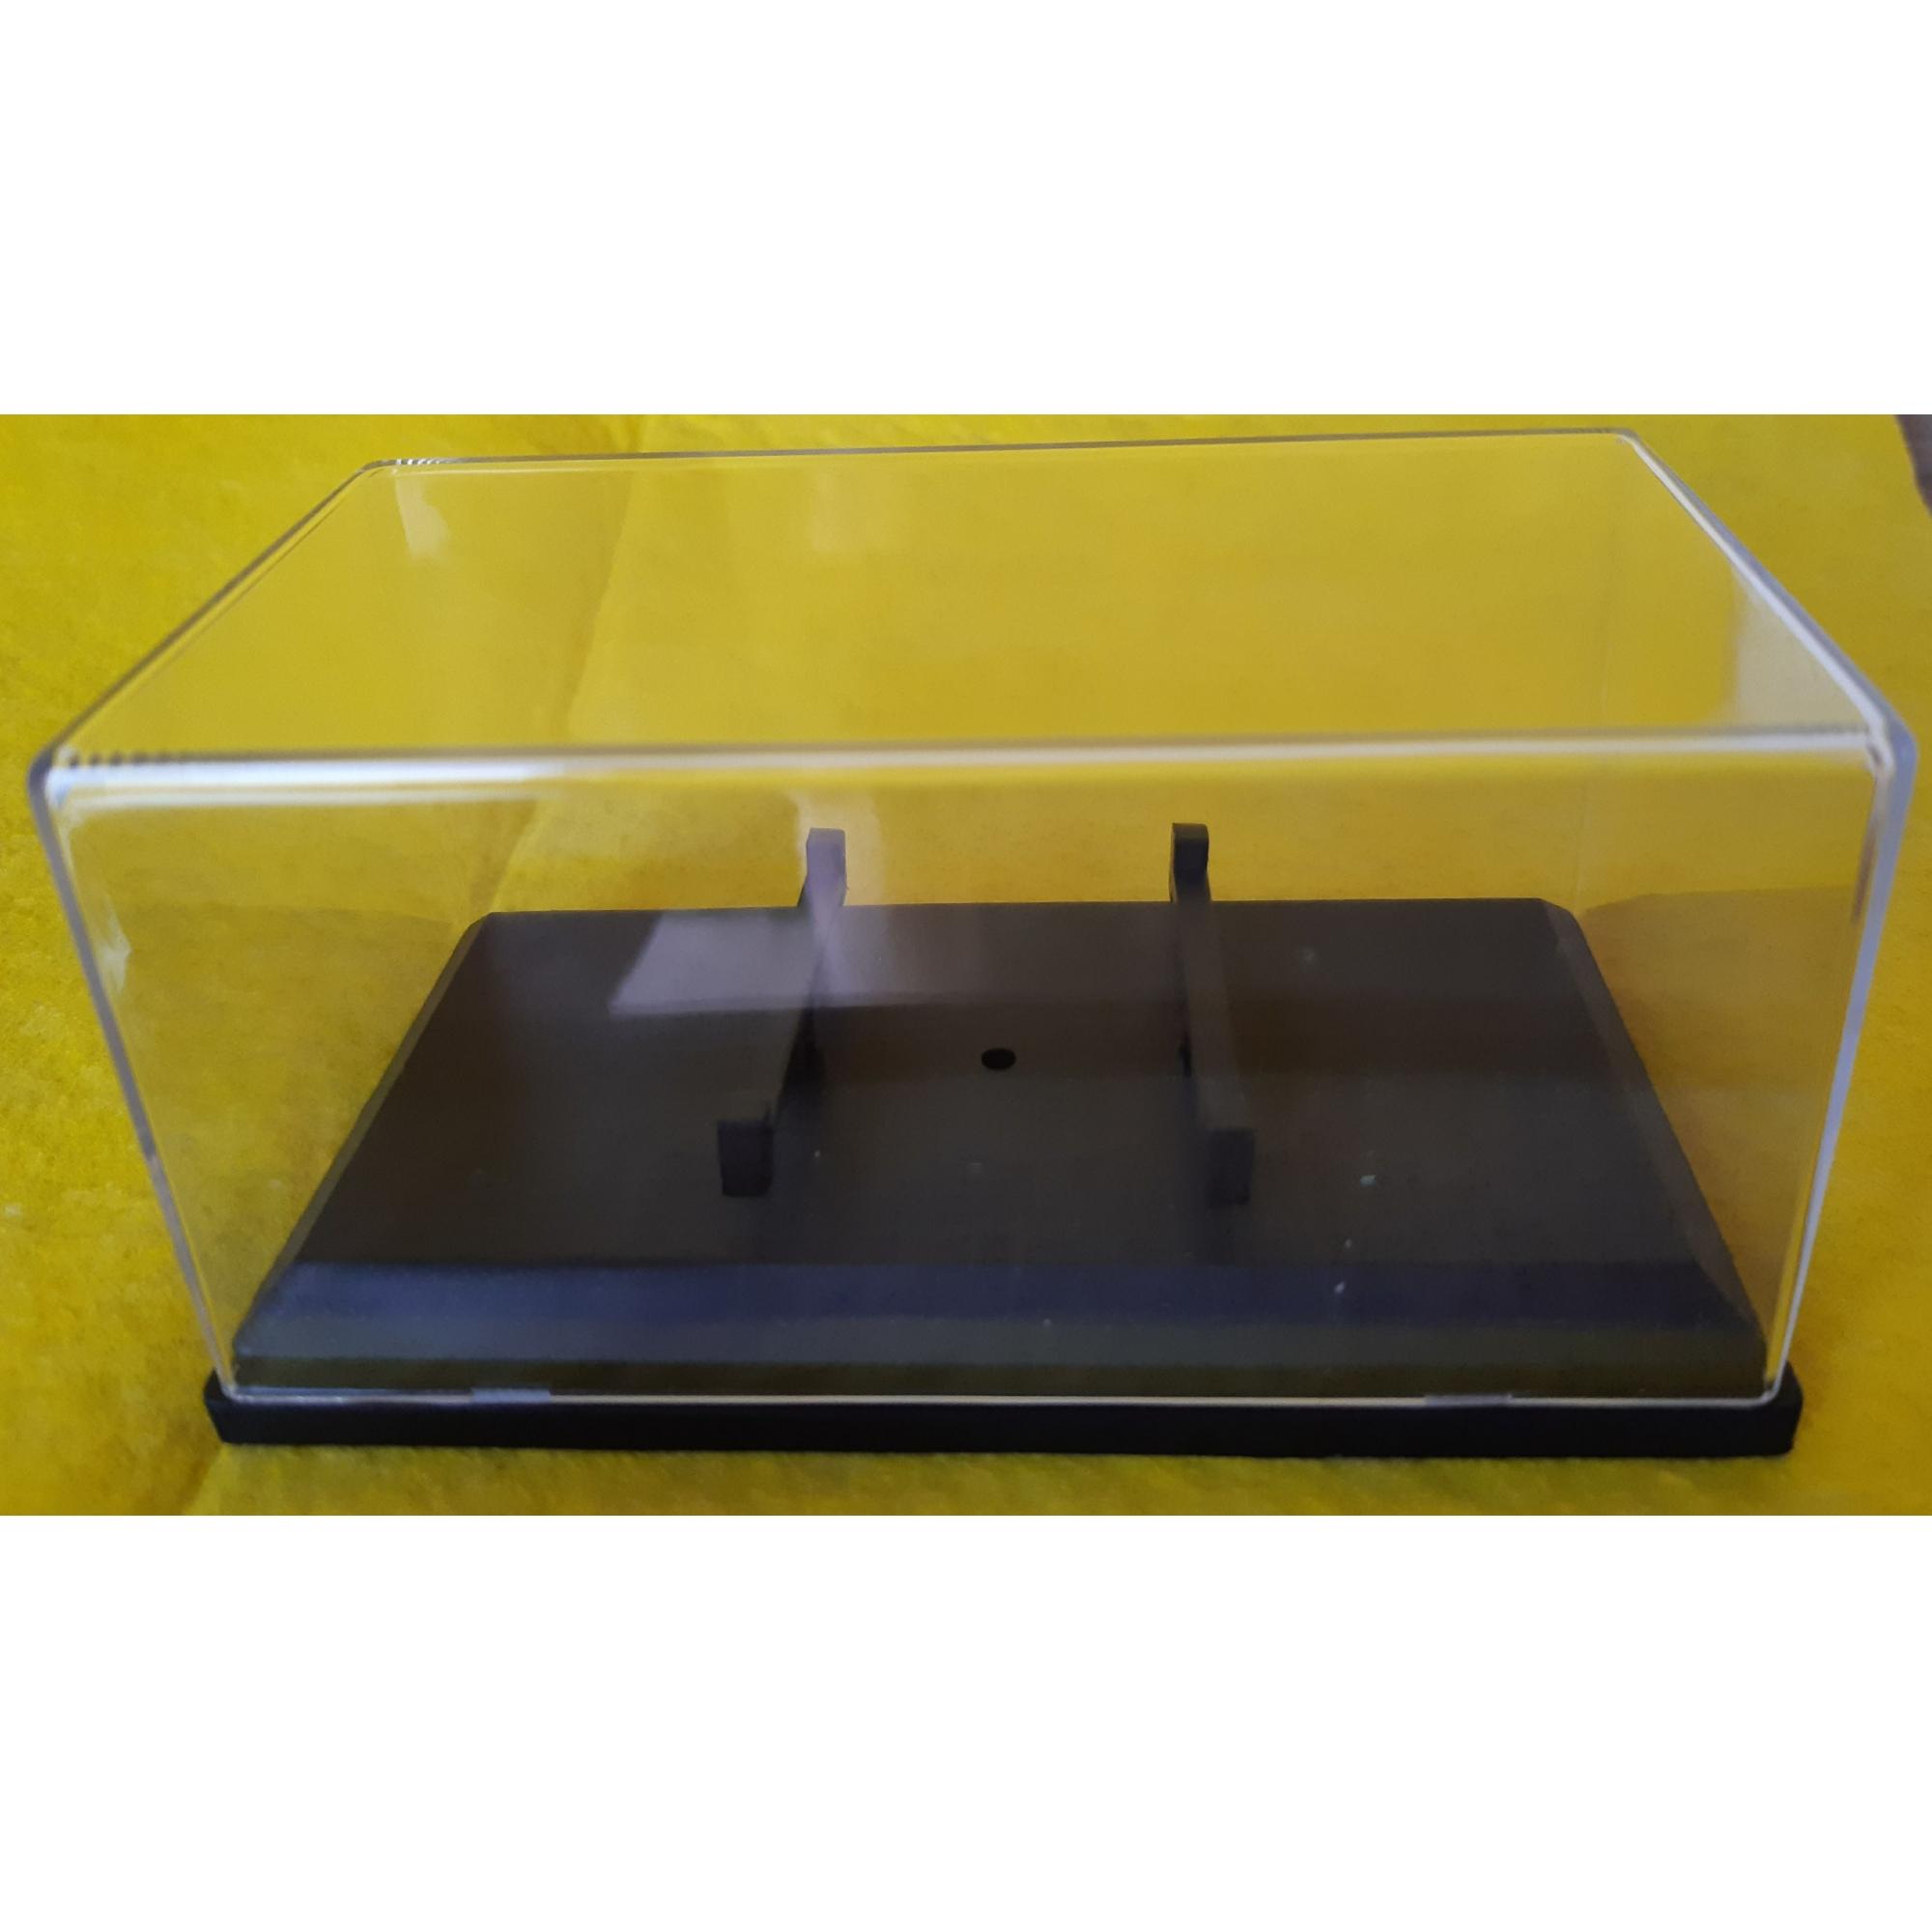 Caixa Plástica (Expositor) para miniaturas na escala 1/64